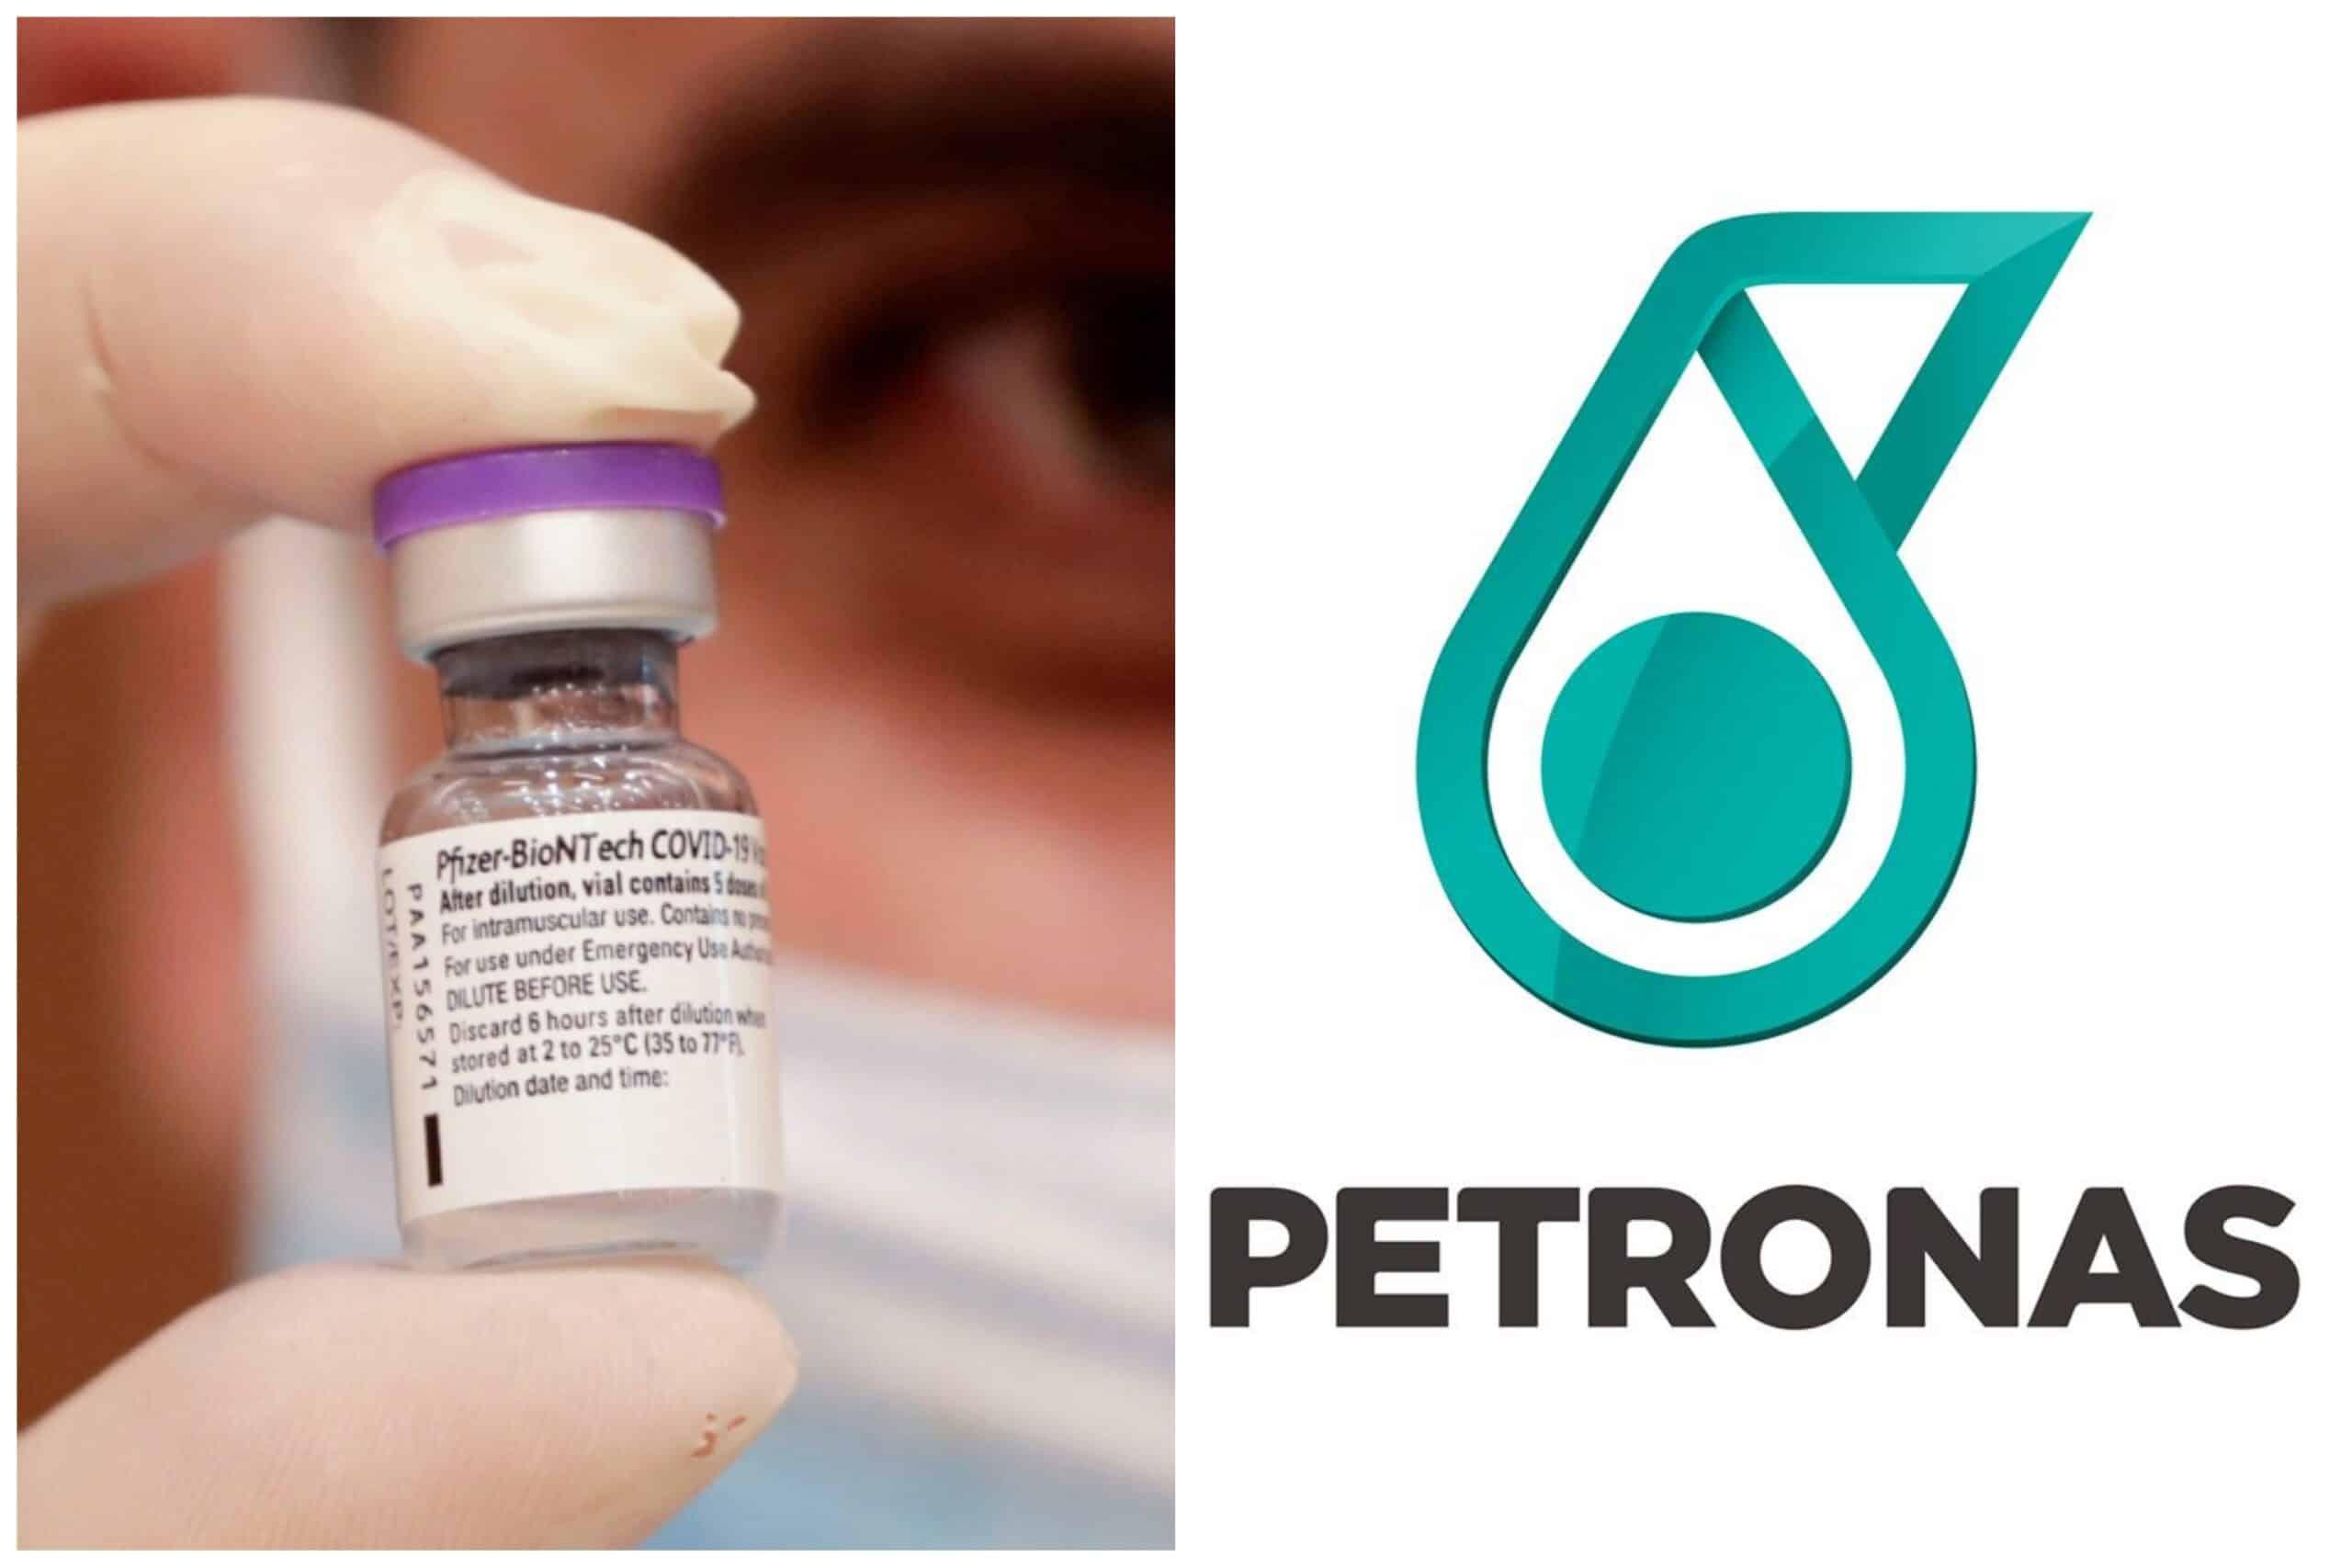 Kerajaan lulus undang-undang guna dana Petronas beli vaksin